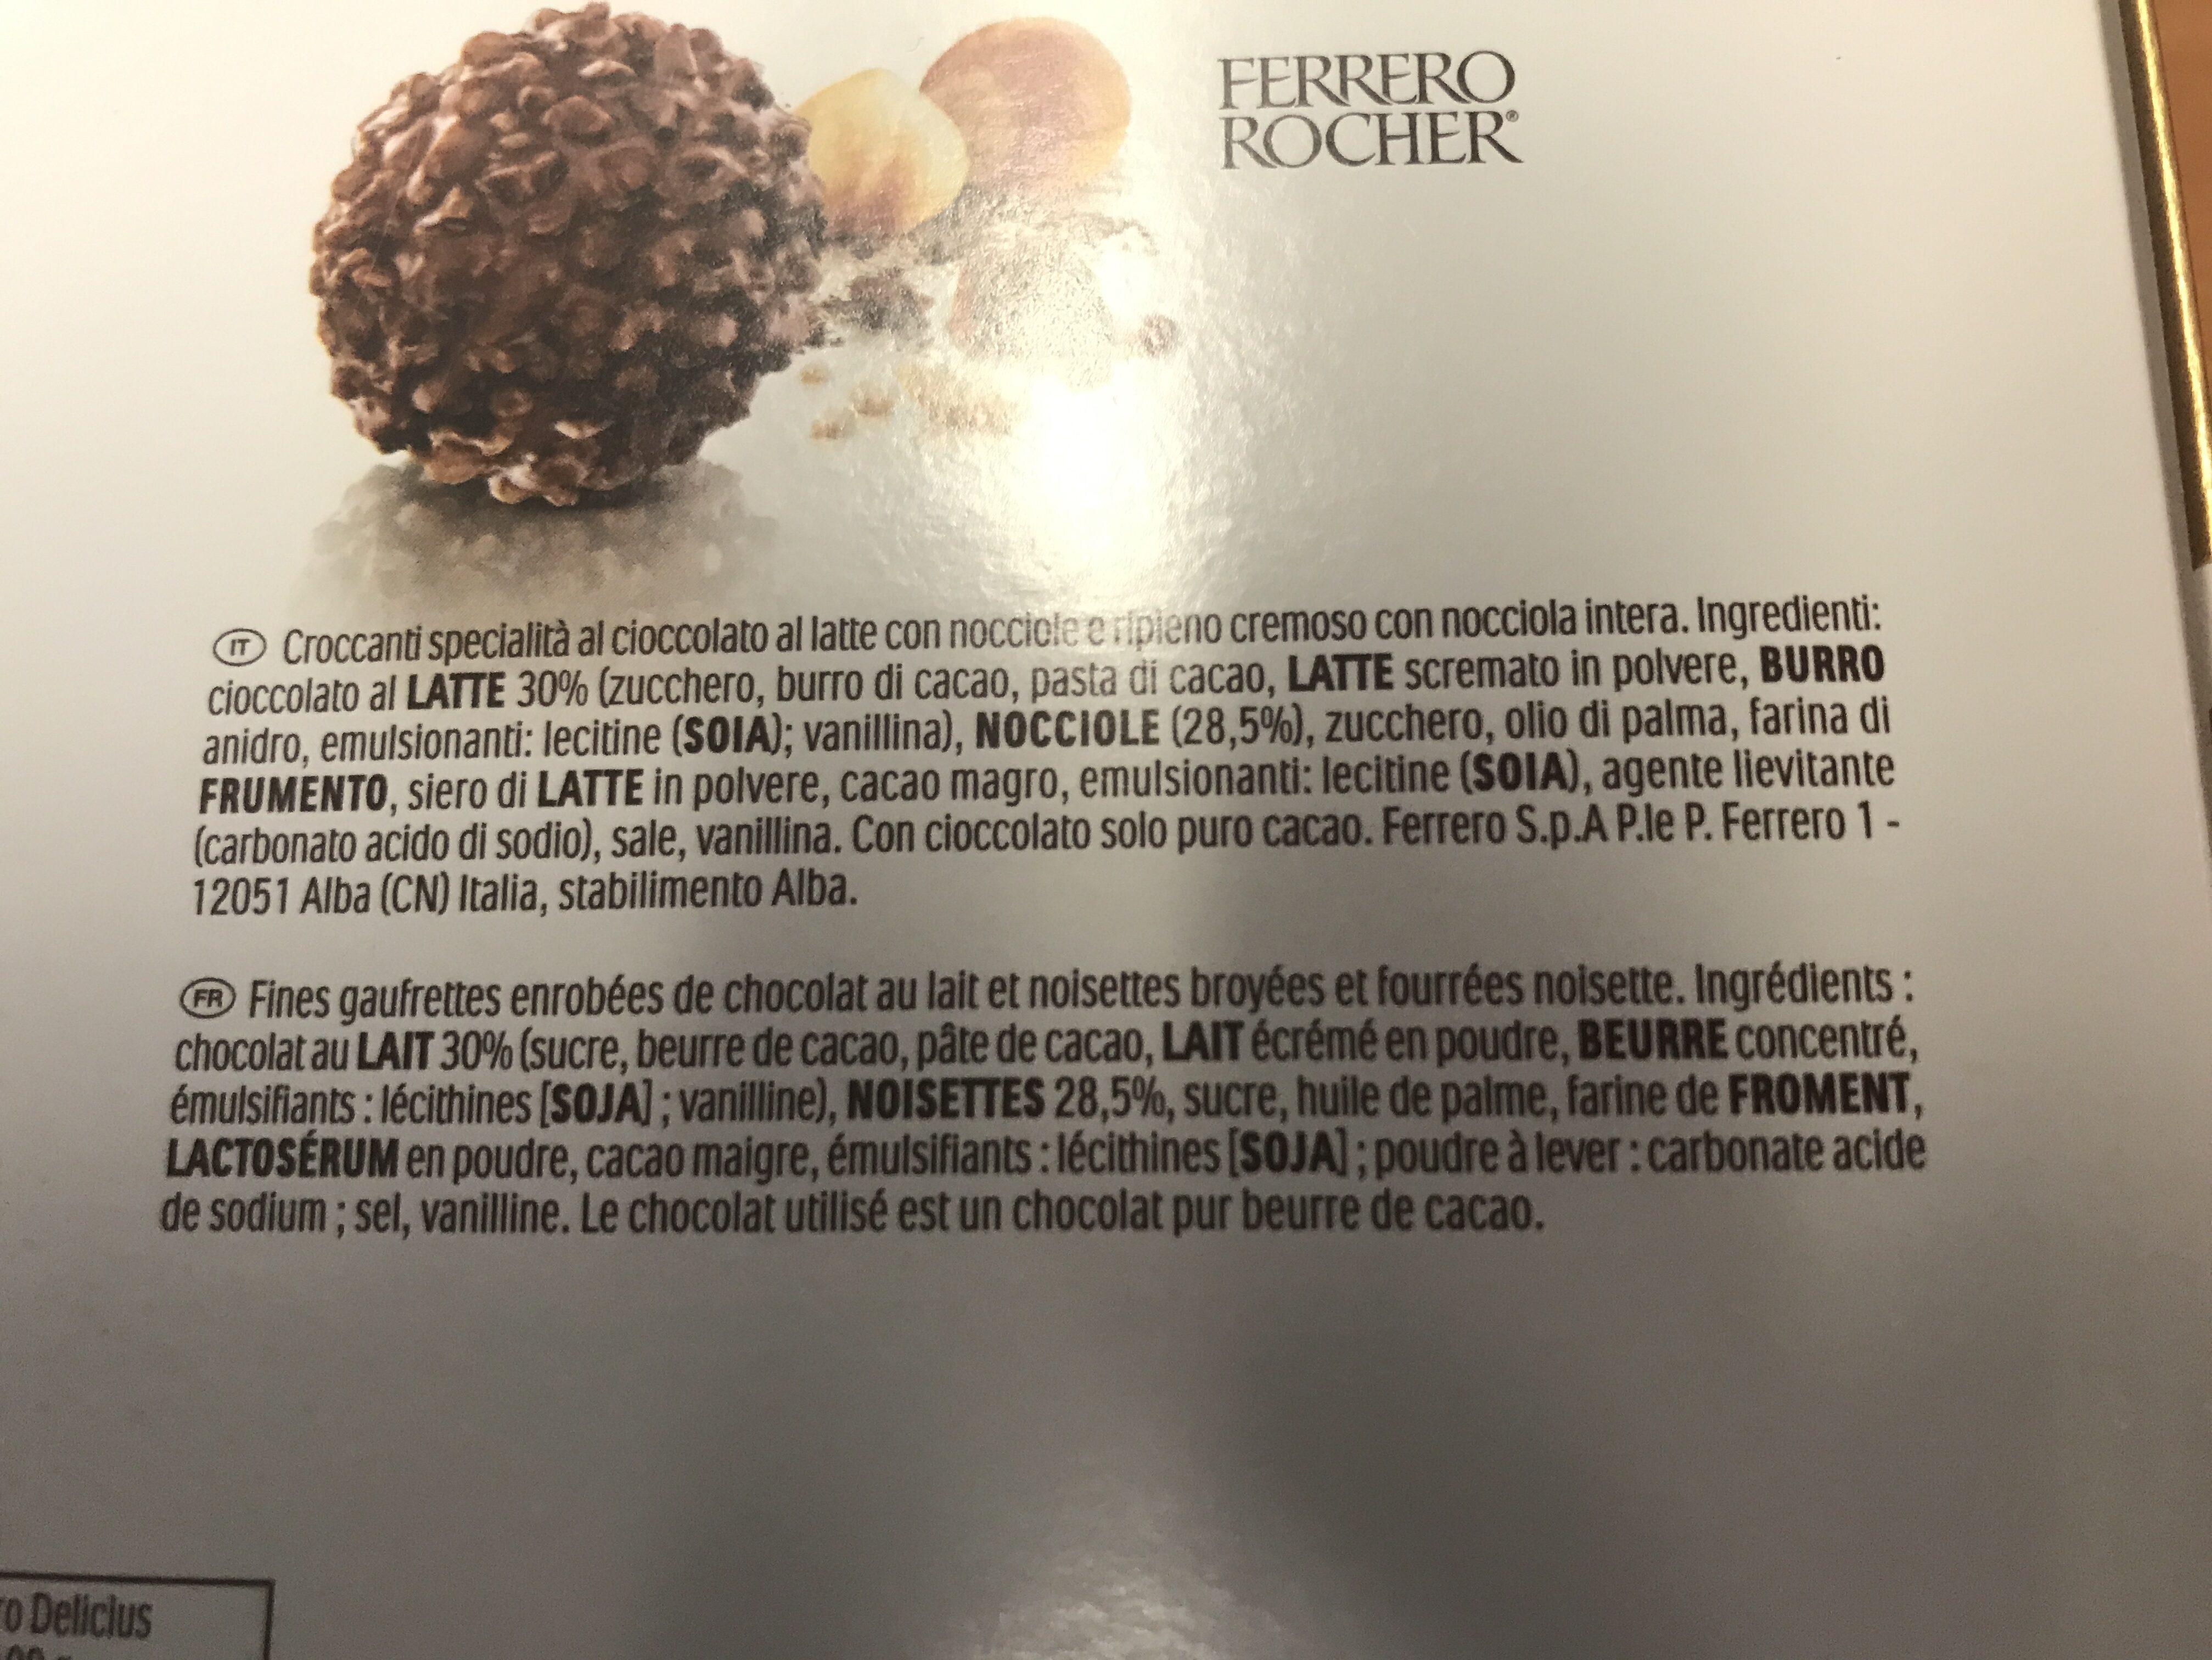 Ferrero golden gallery assortiment de chocolats boite de 42 bouchees - Ingredienti - fr